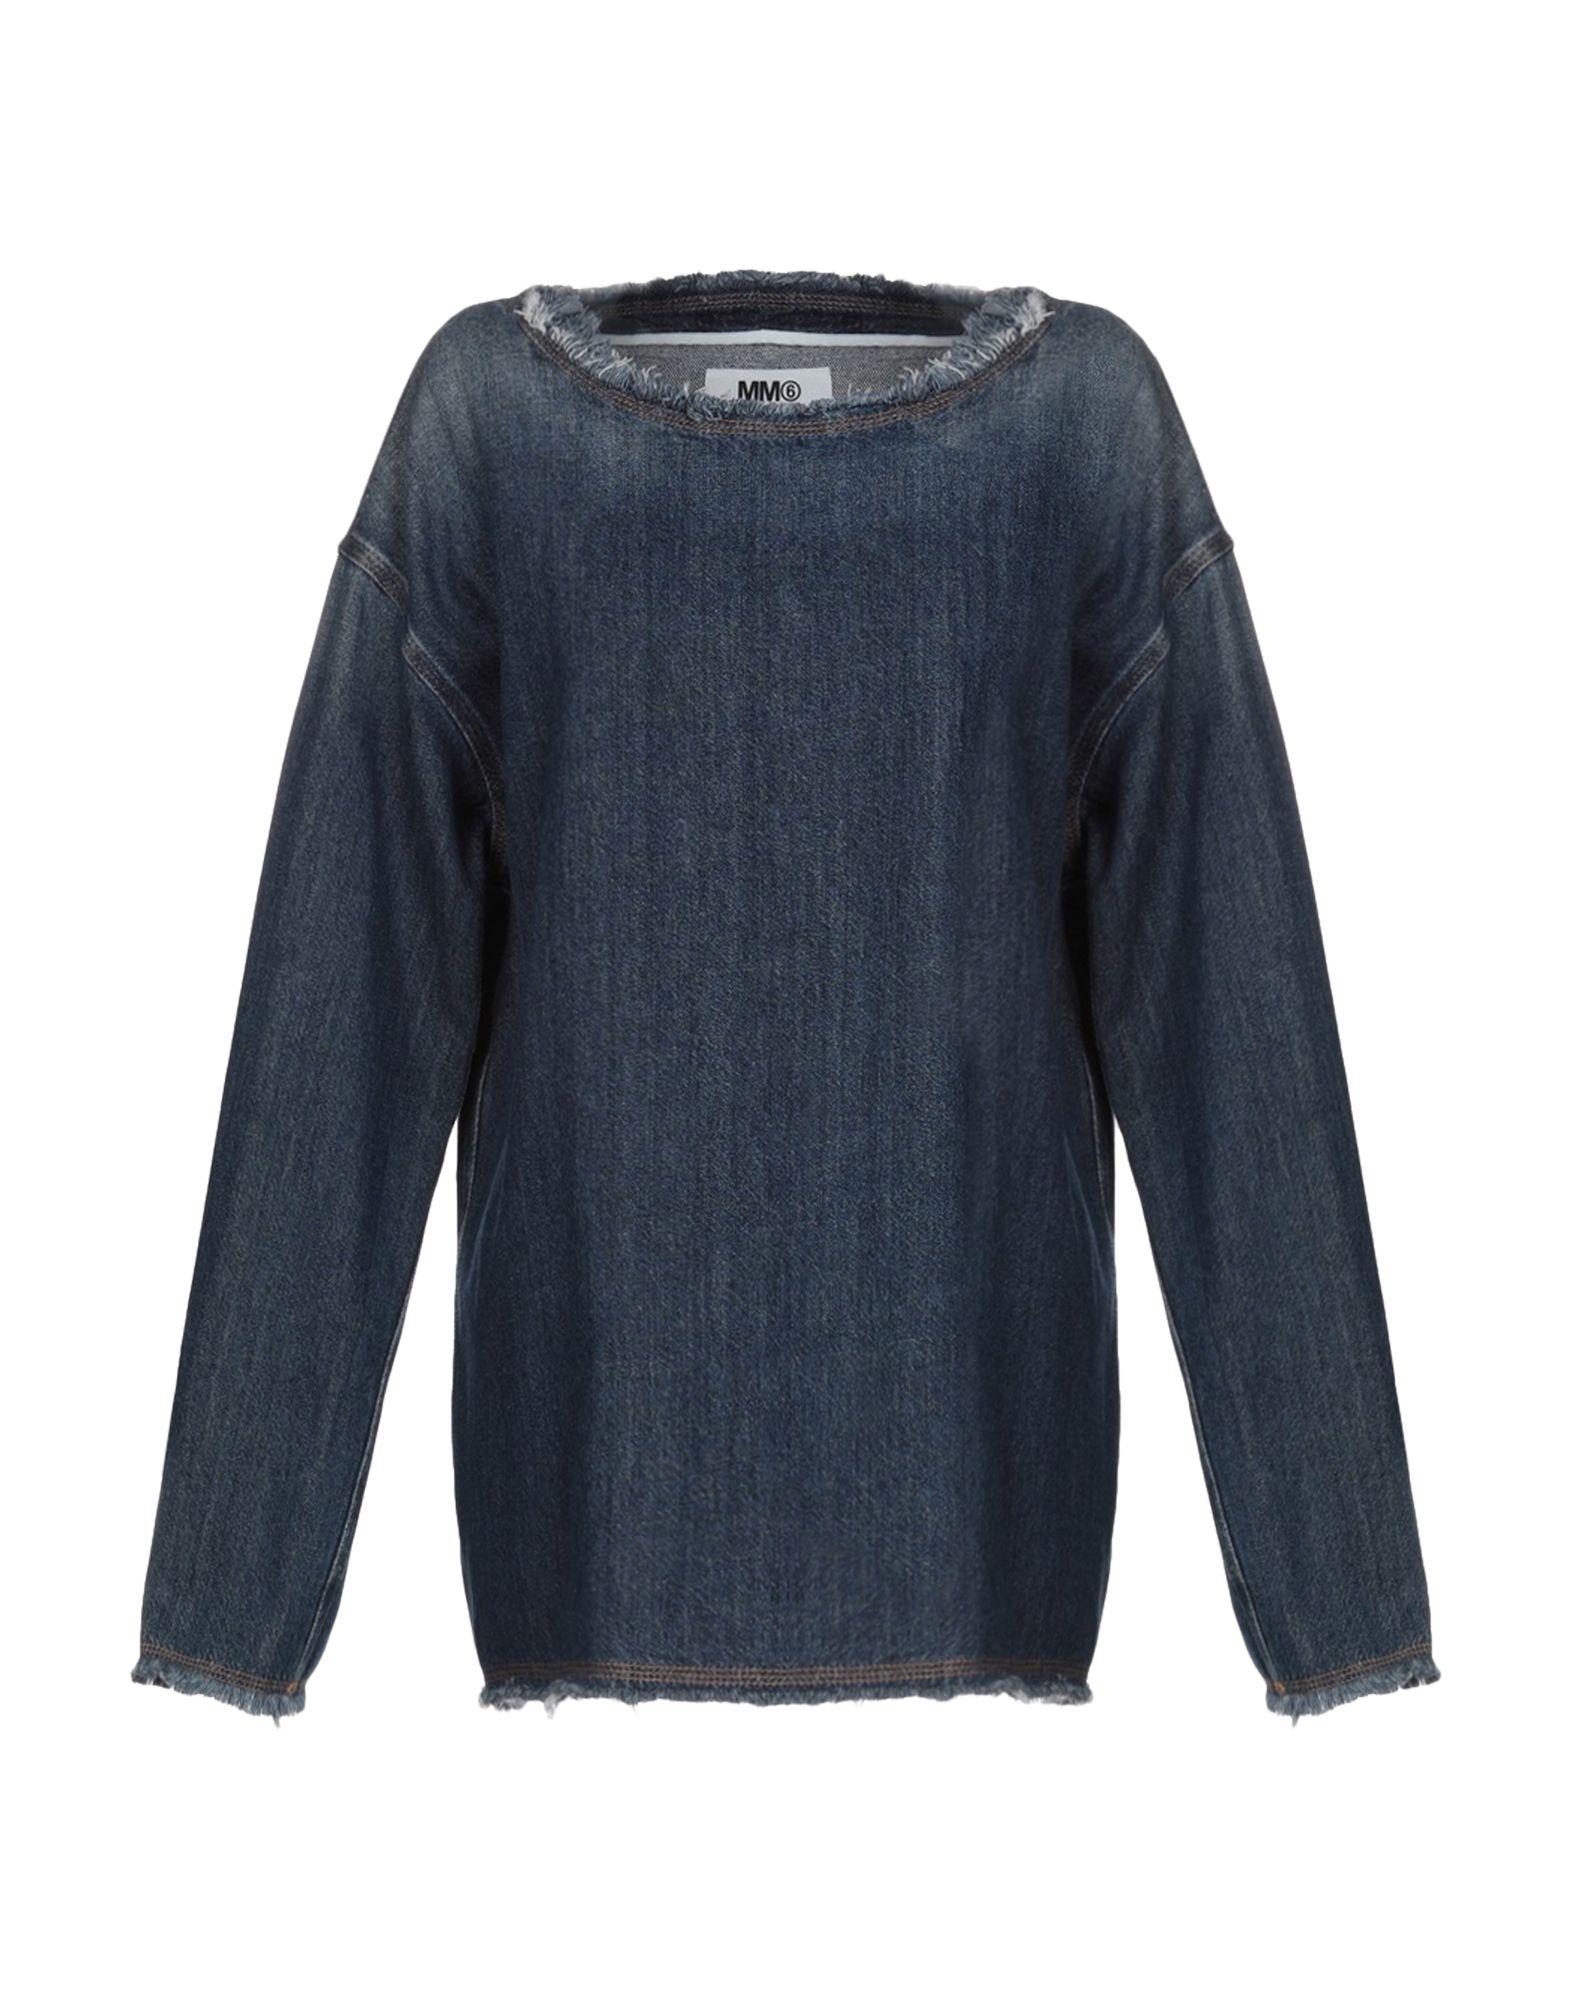 MM6 MAISON MARGIELA Джинсовая рубашка mm6 maison margiela джинсовая рубашка